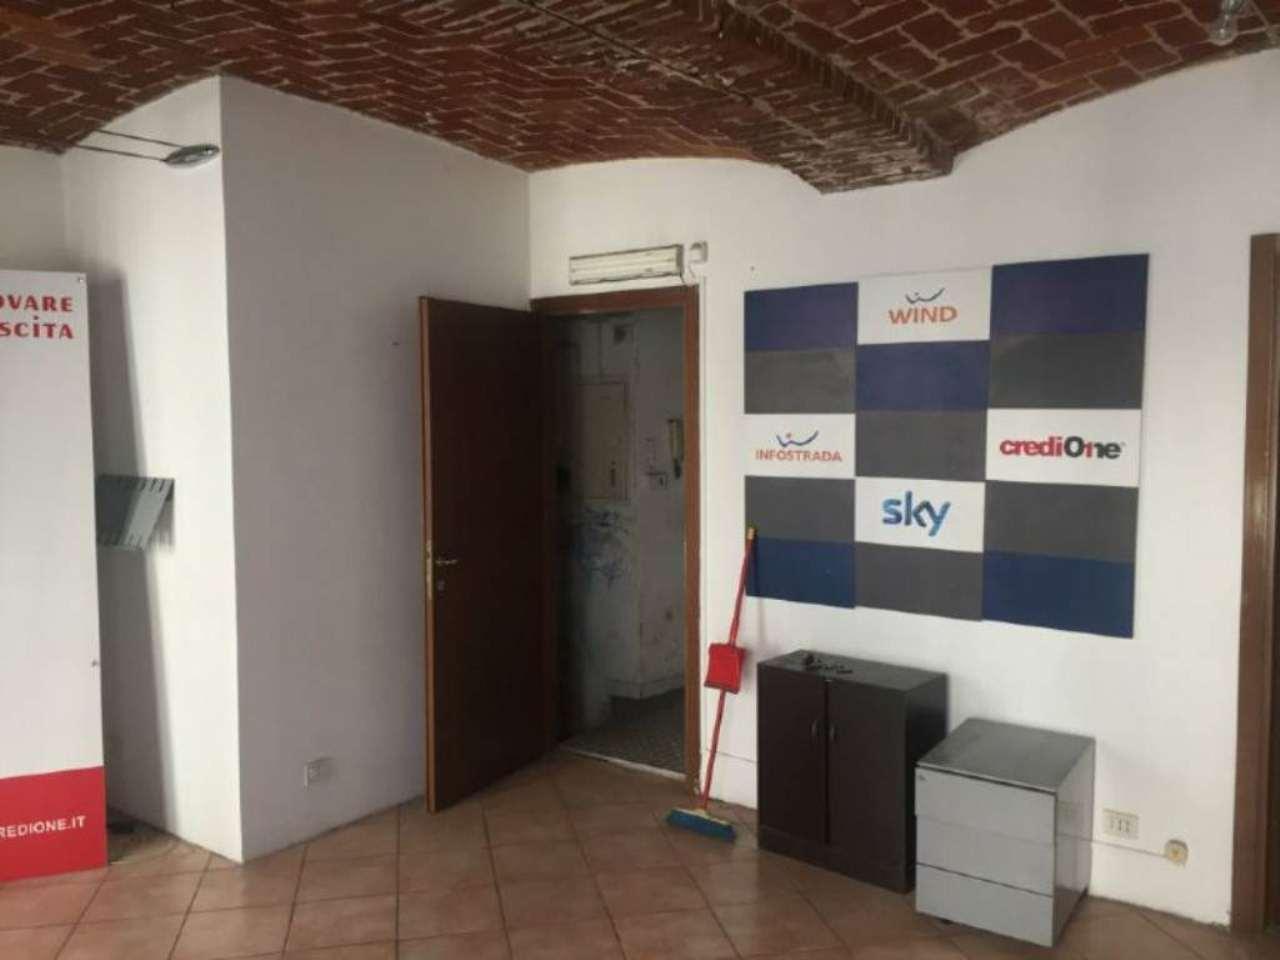 Negozio / Locale in vendita a Torino, 2 locali, zona Zona: 1 . Centro, Quadrilatero Romano, Repubblica, Giardini Reali, prezzo € 62.000 | CambioCasa.it